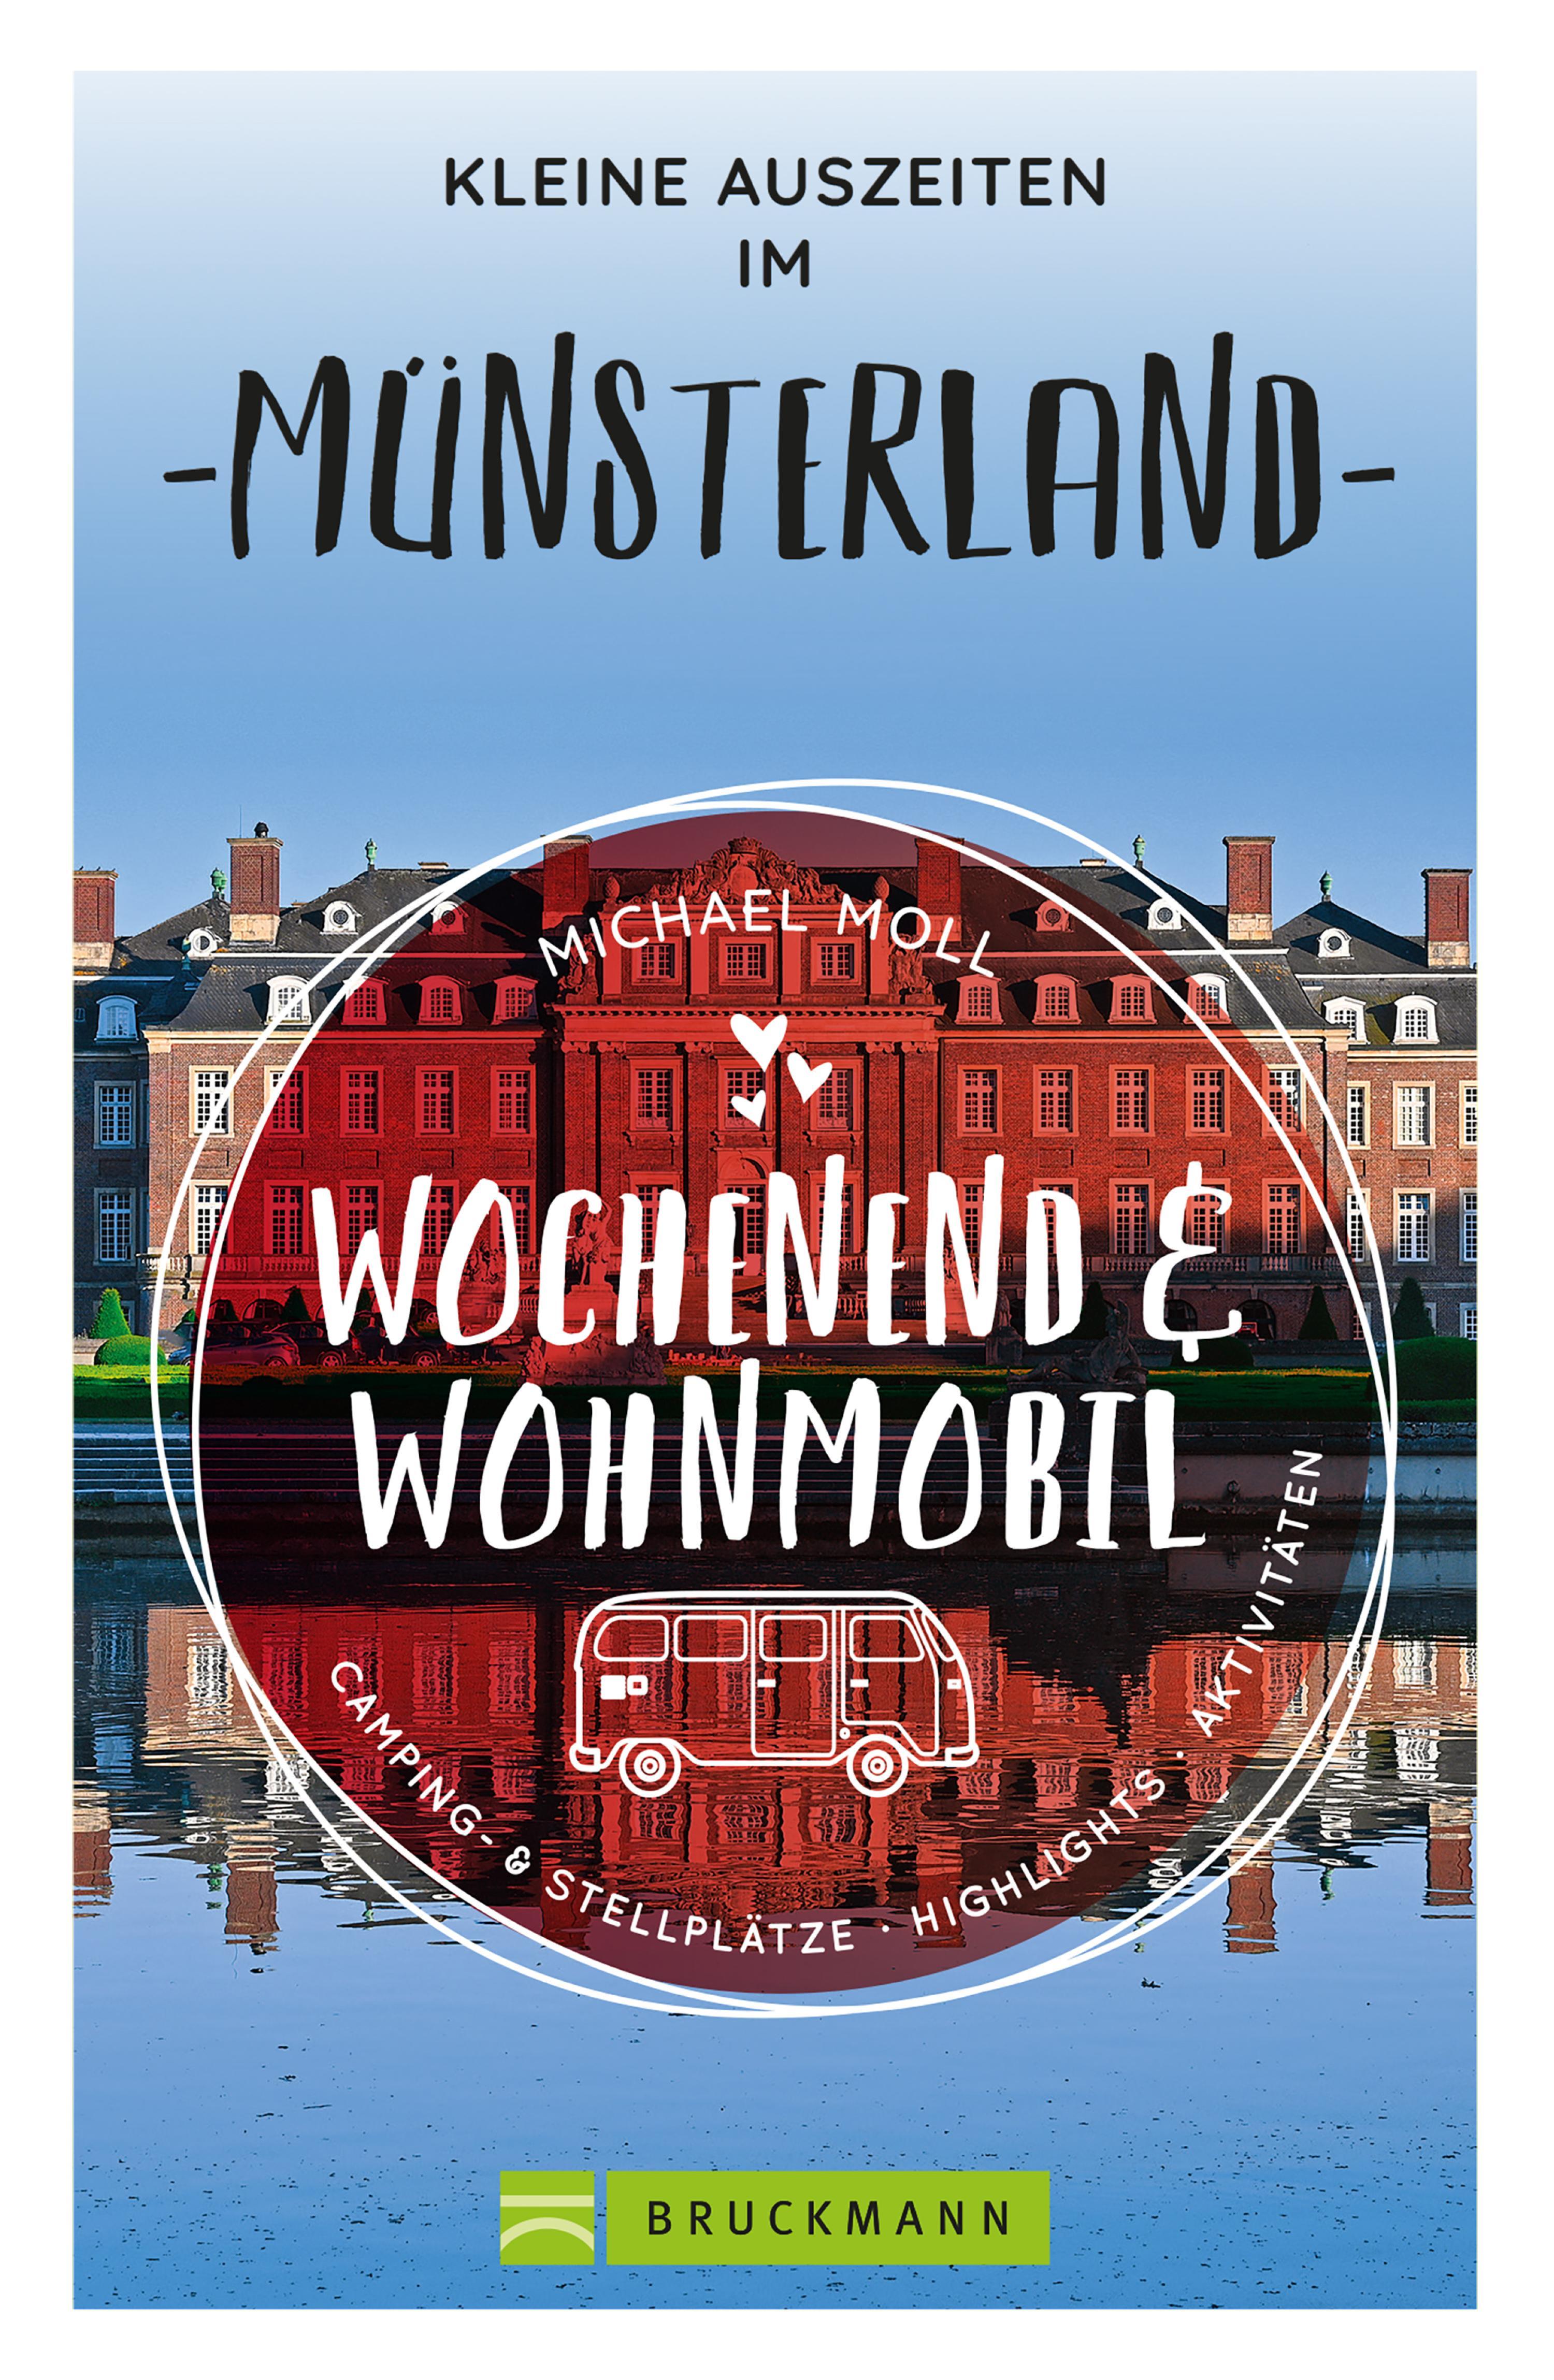 Wochenend und Wohnmobil - Kleine Auszeiten im Münsterland